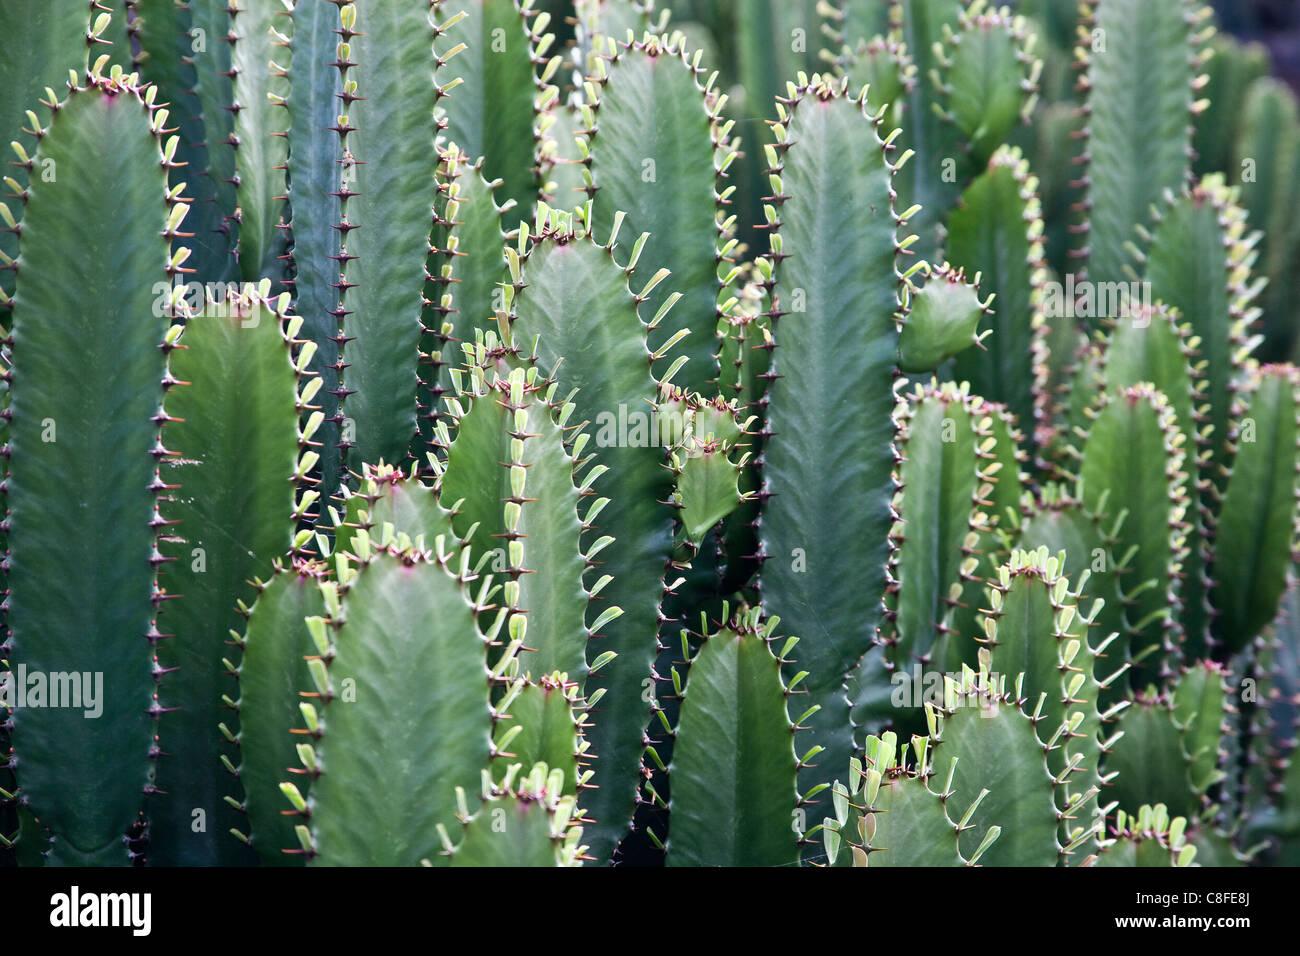 Guatiza Cesar Manrique Spain Europe Jardin de Cactus cacti